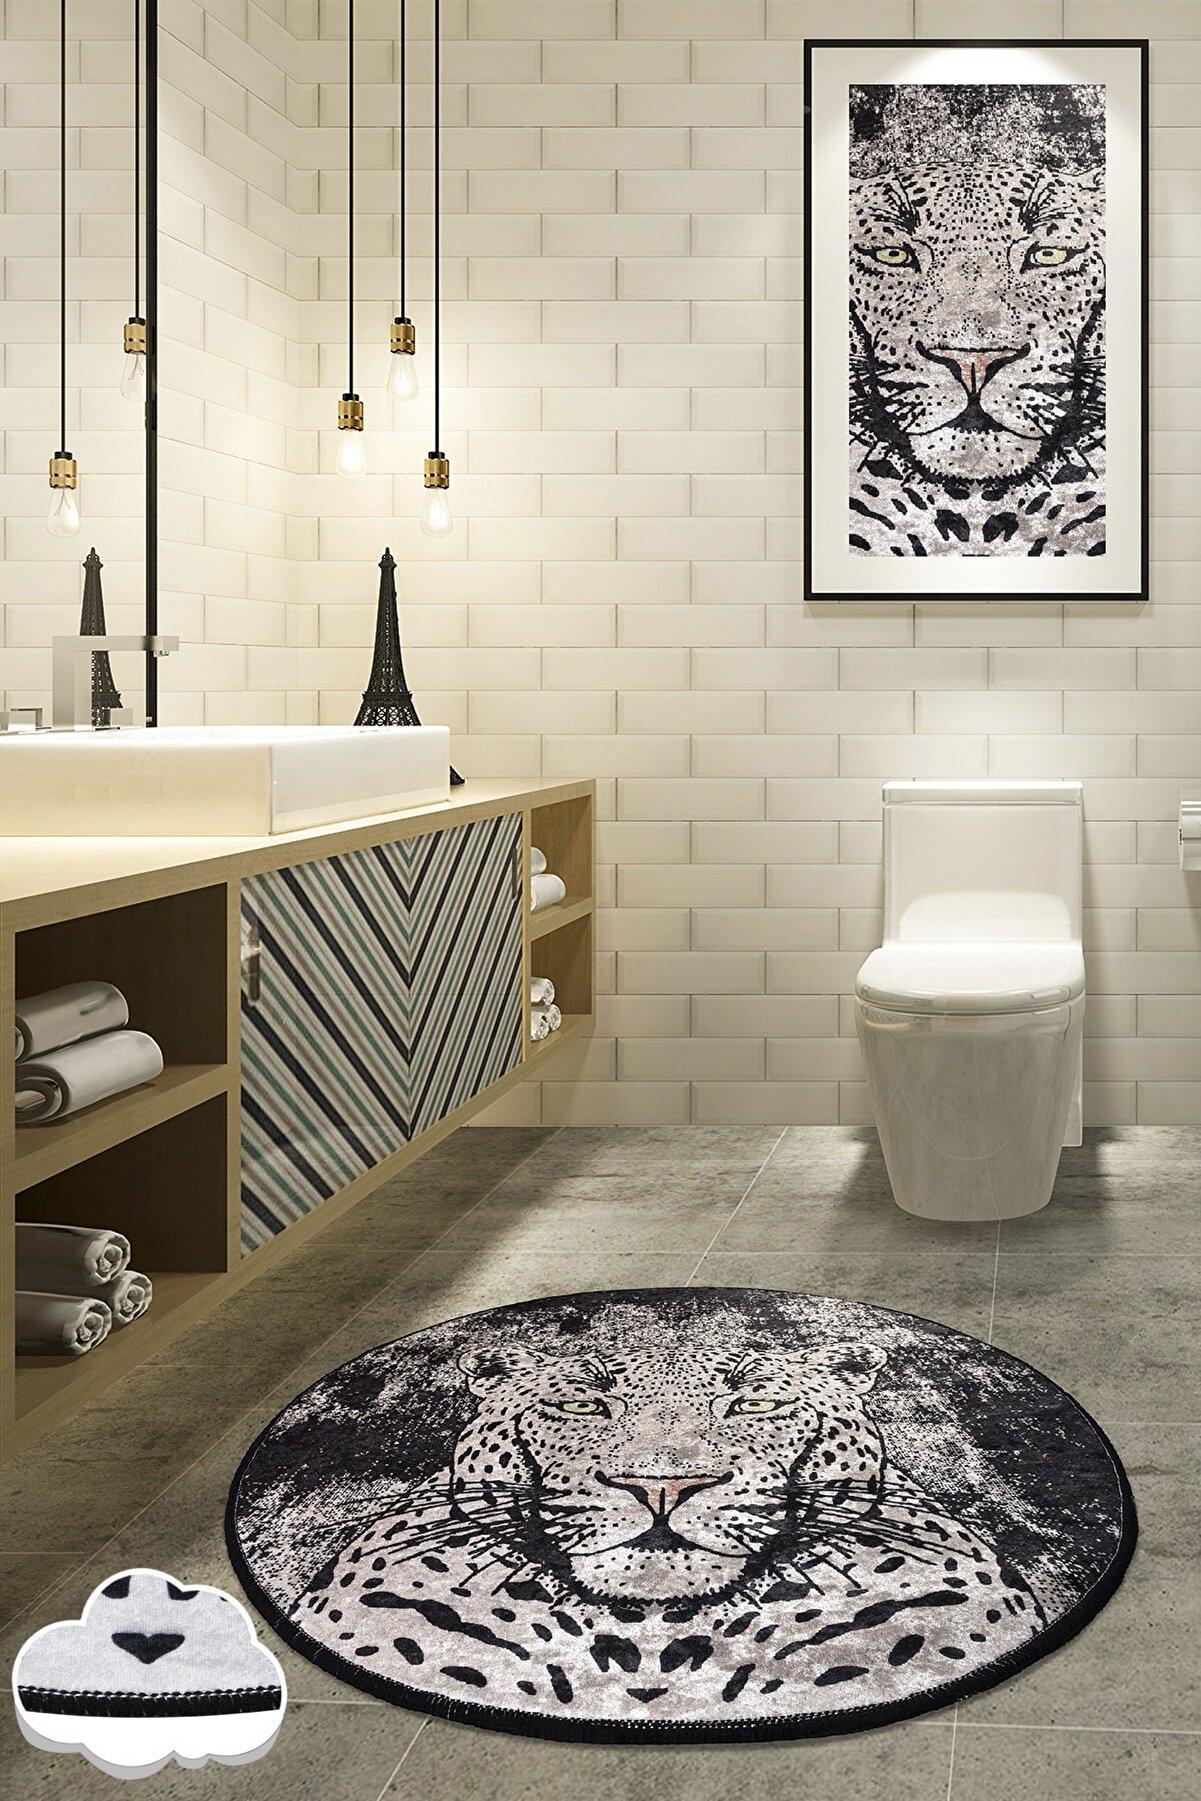 Chilai Home Tıger Djt Çap 100 Cm Banyo Halısı